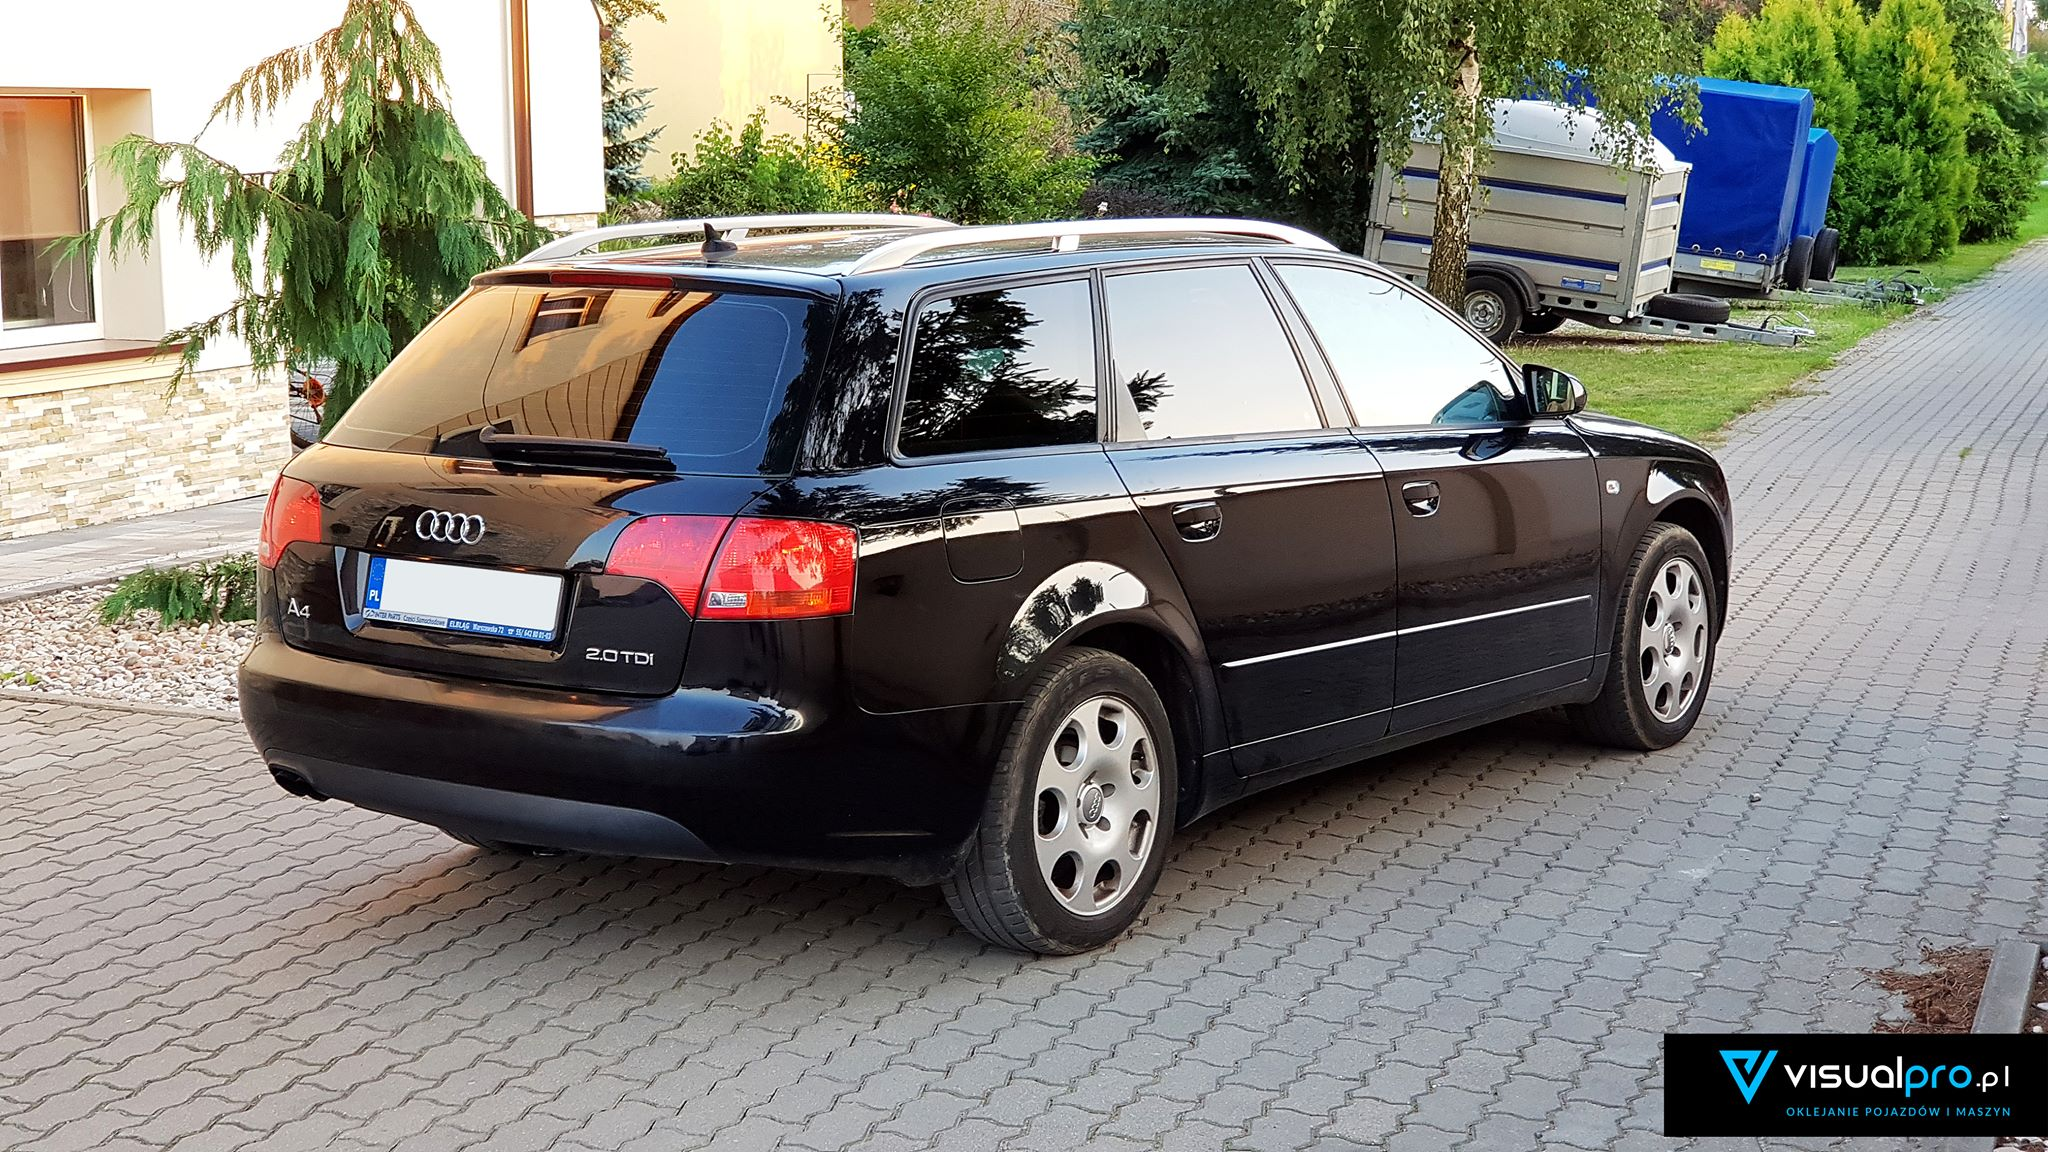 Przyciemnianie Szyb Audi A4